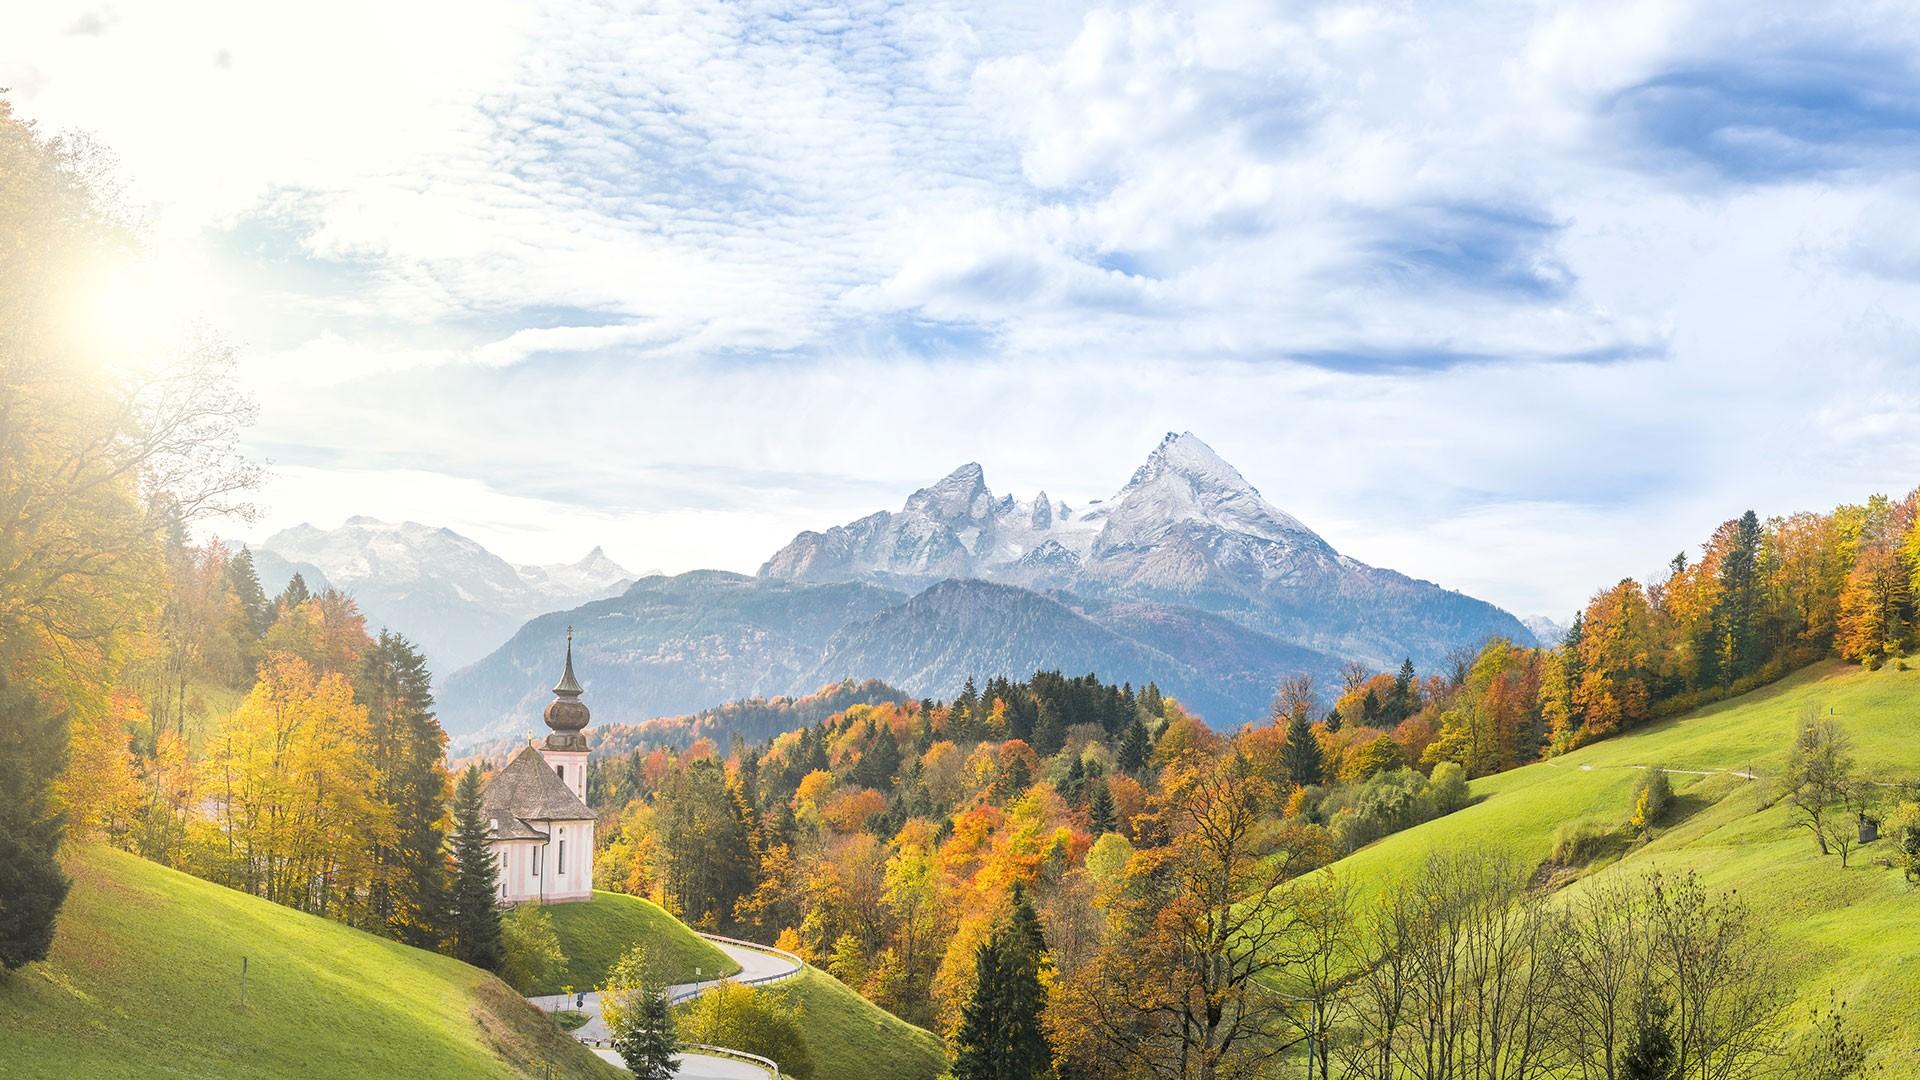 Herbsturlaub in Berchtesgaden